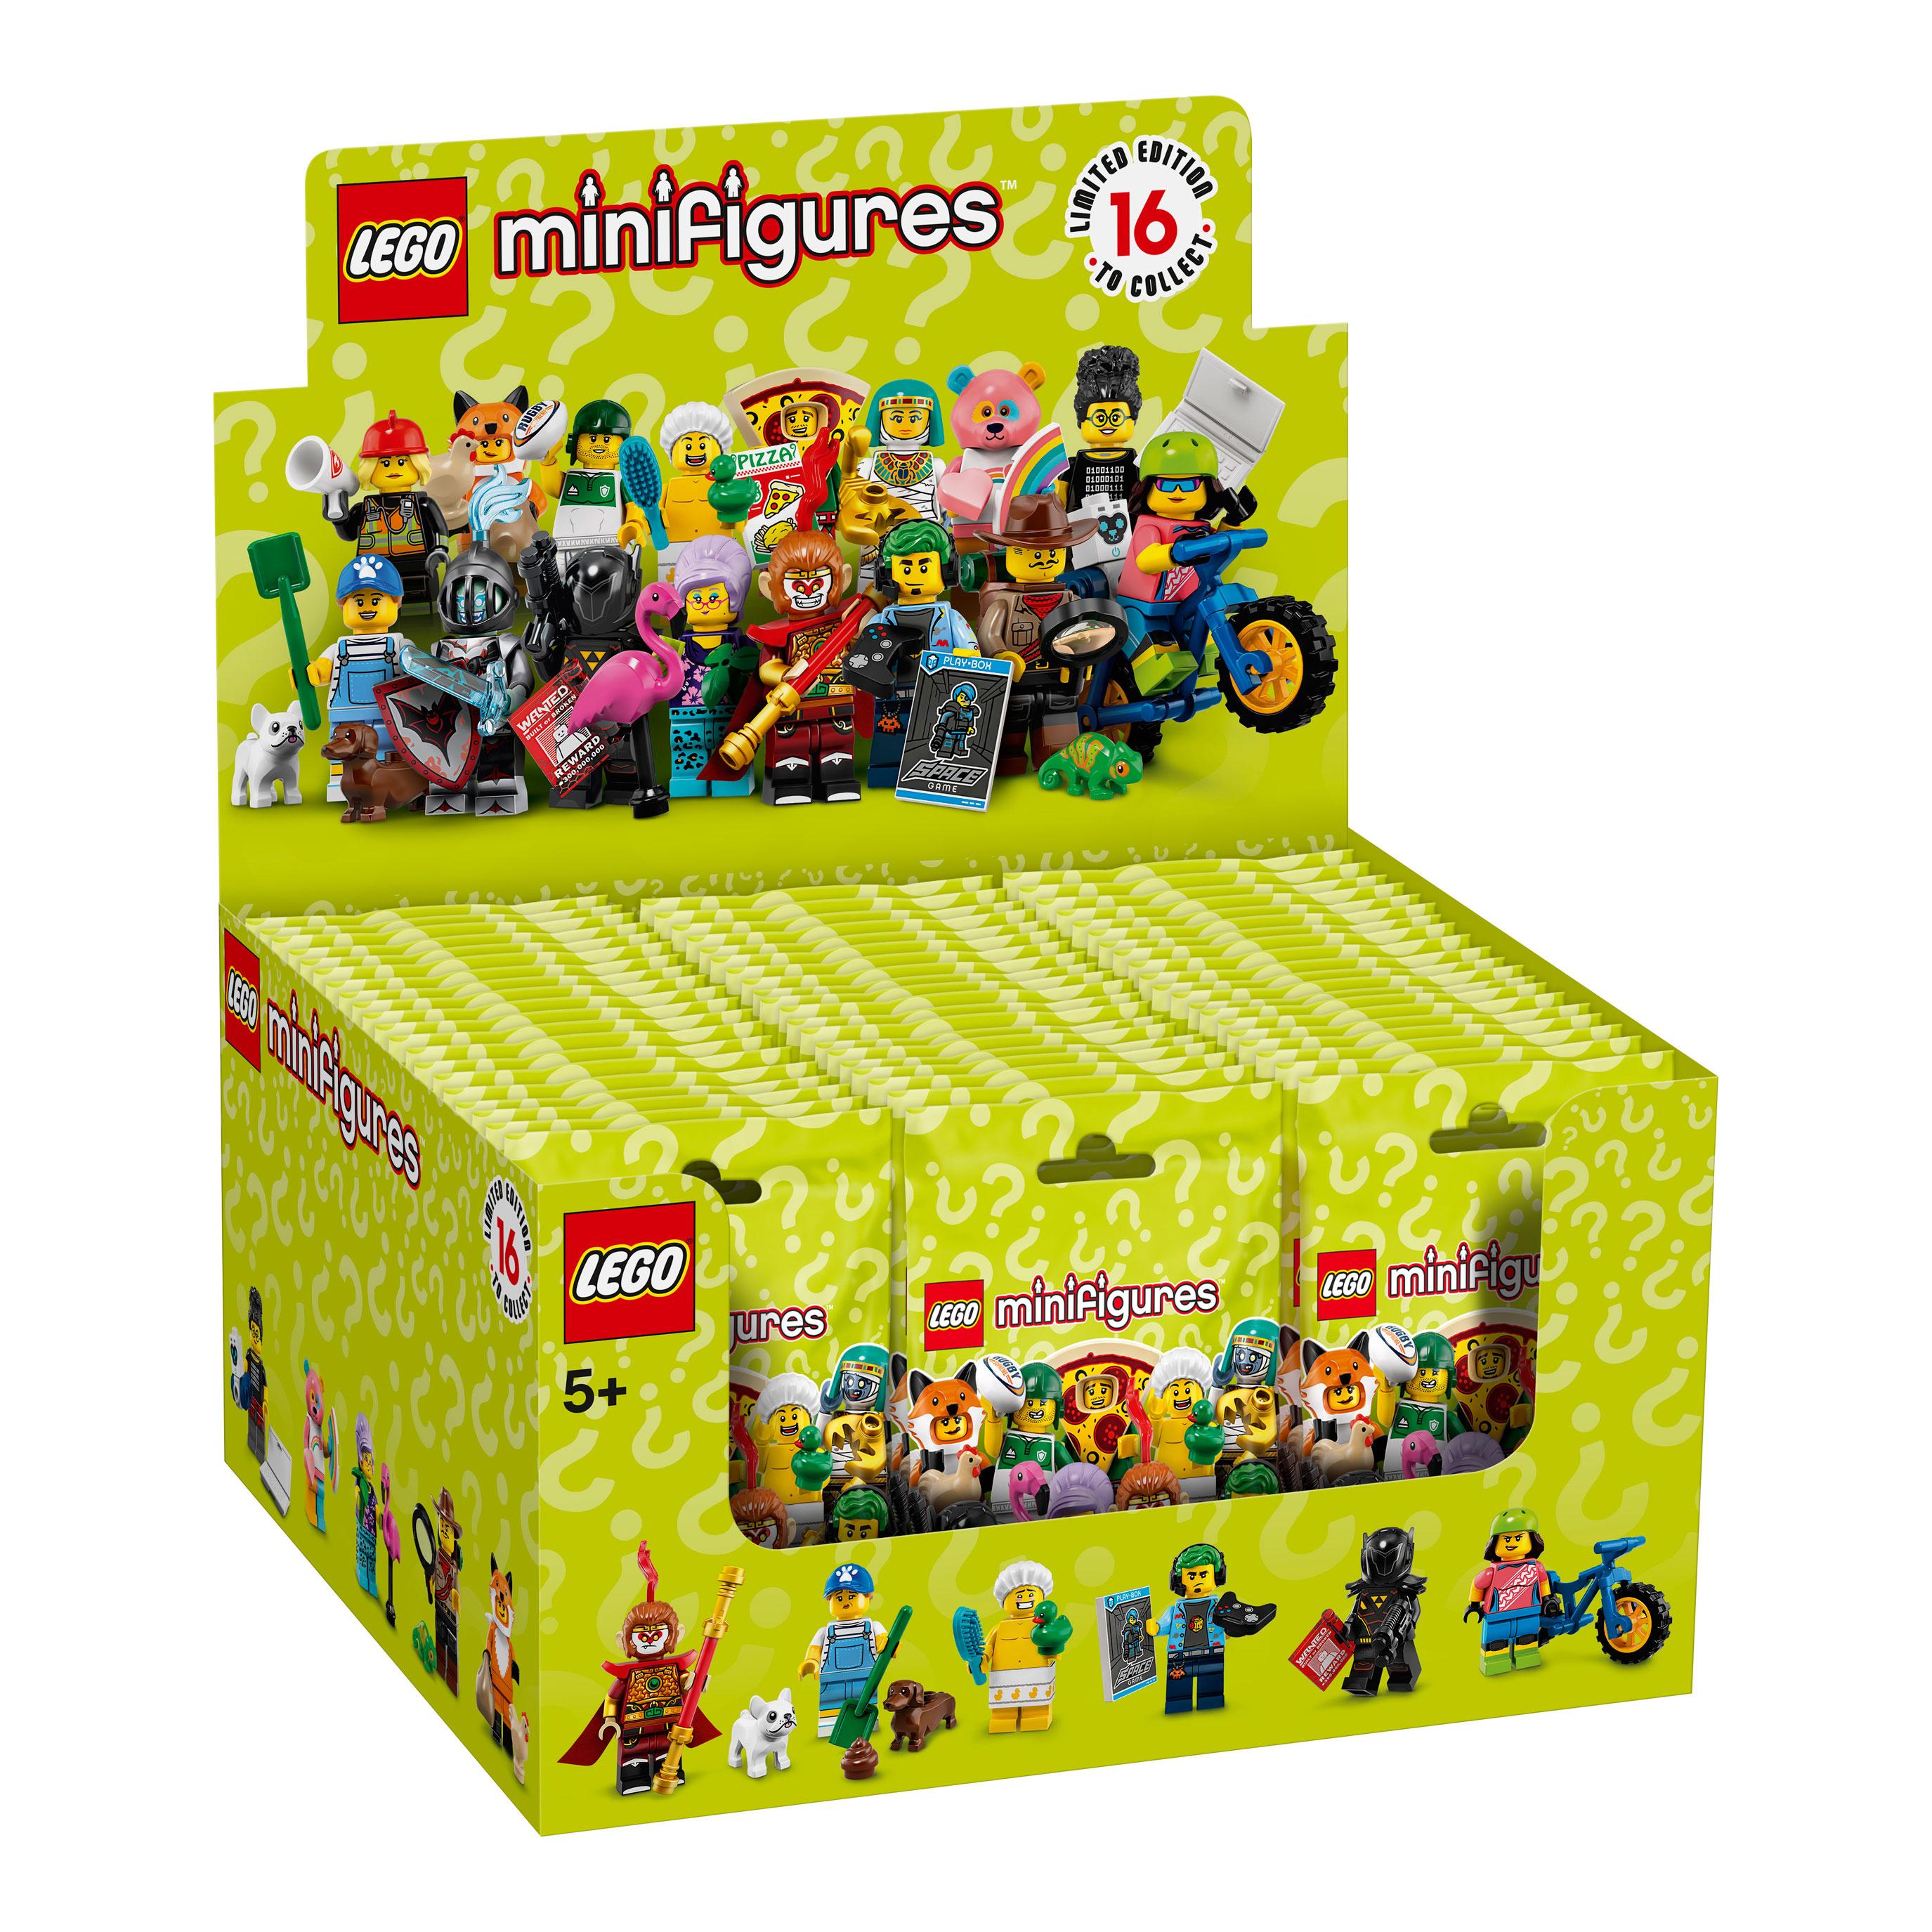 6b9d849b0715 Differently Ninja Turtles Figuren Lego Duplo